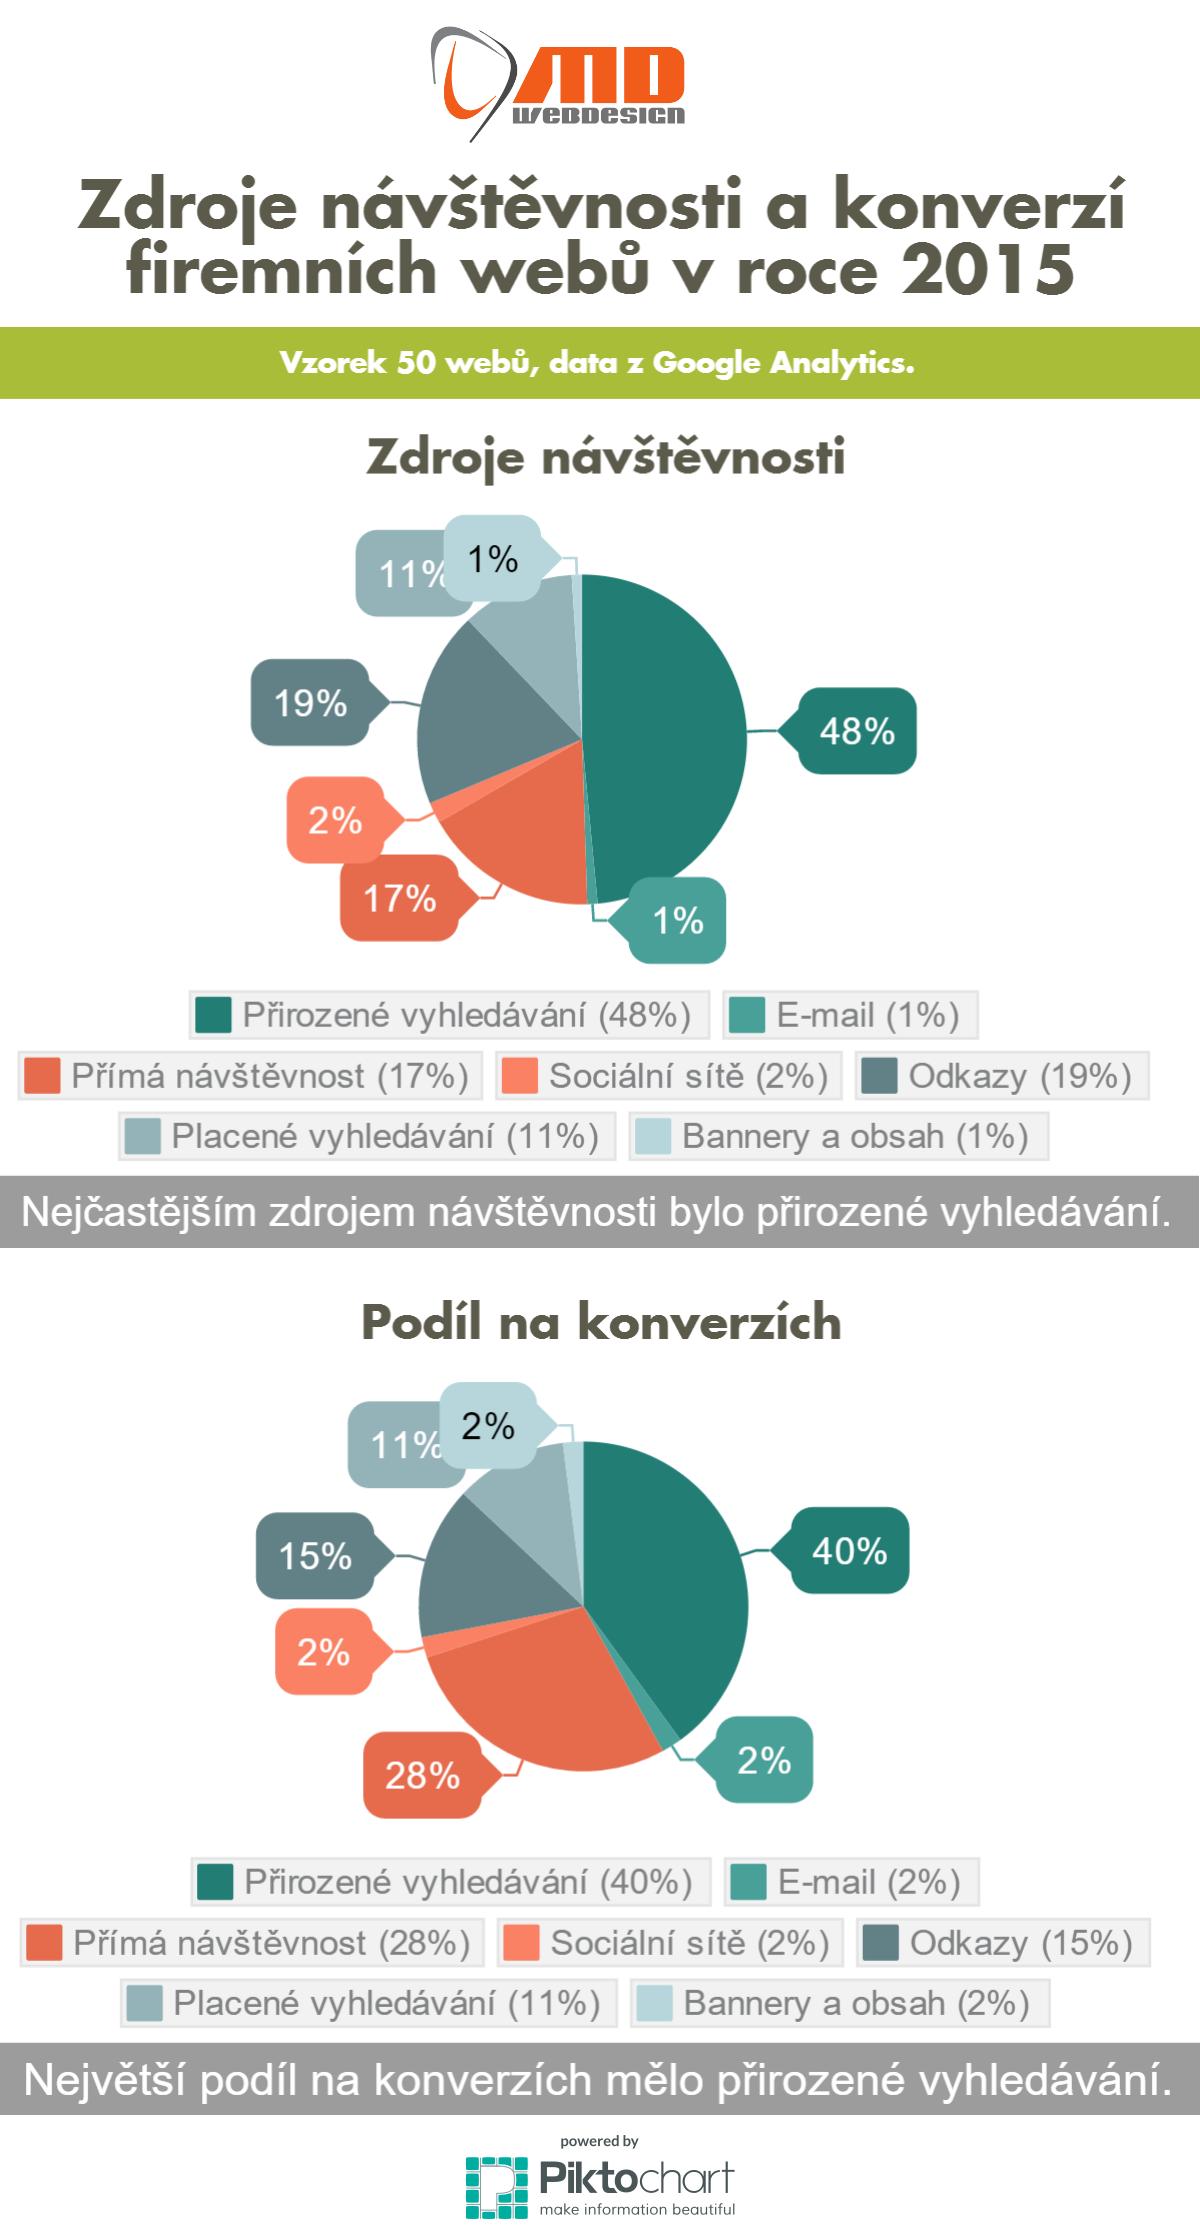 Report - zdroje návštěvnosti a podíl na konverzích